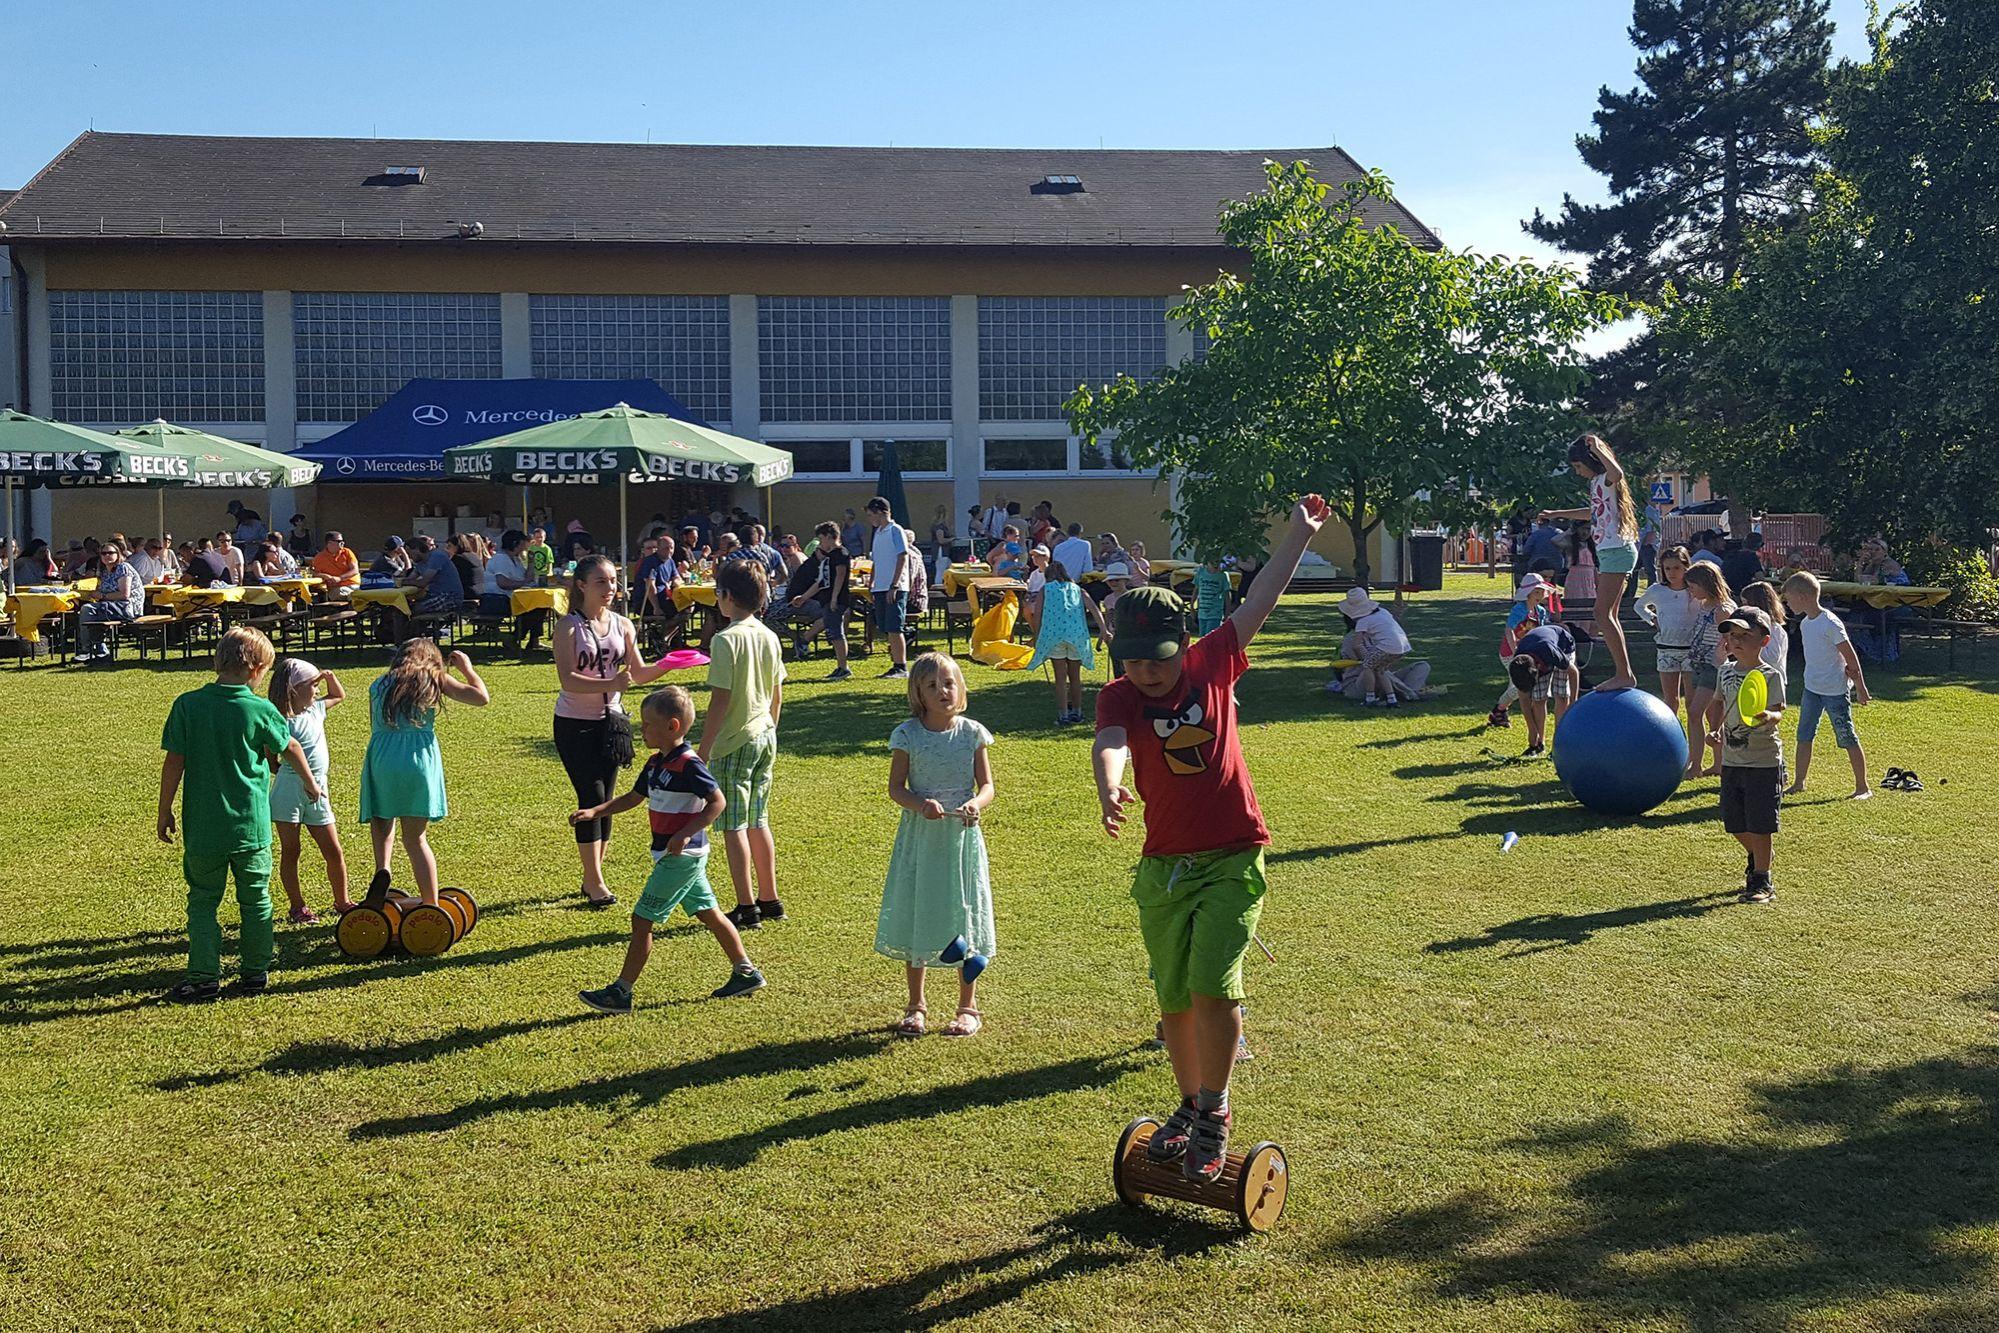 Jonglierworkshop beim Sommerfest in einer Schule